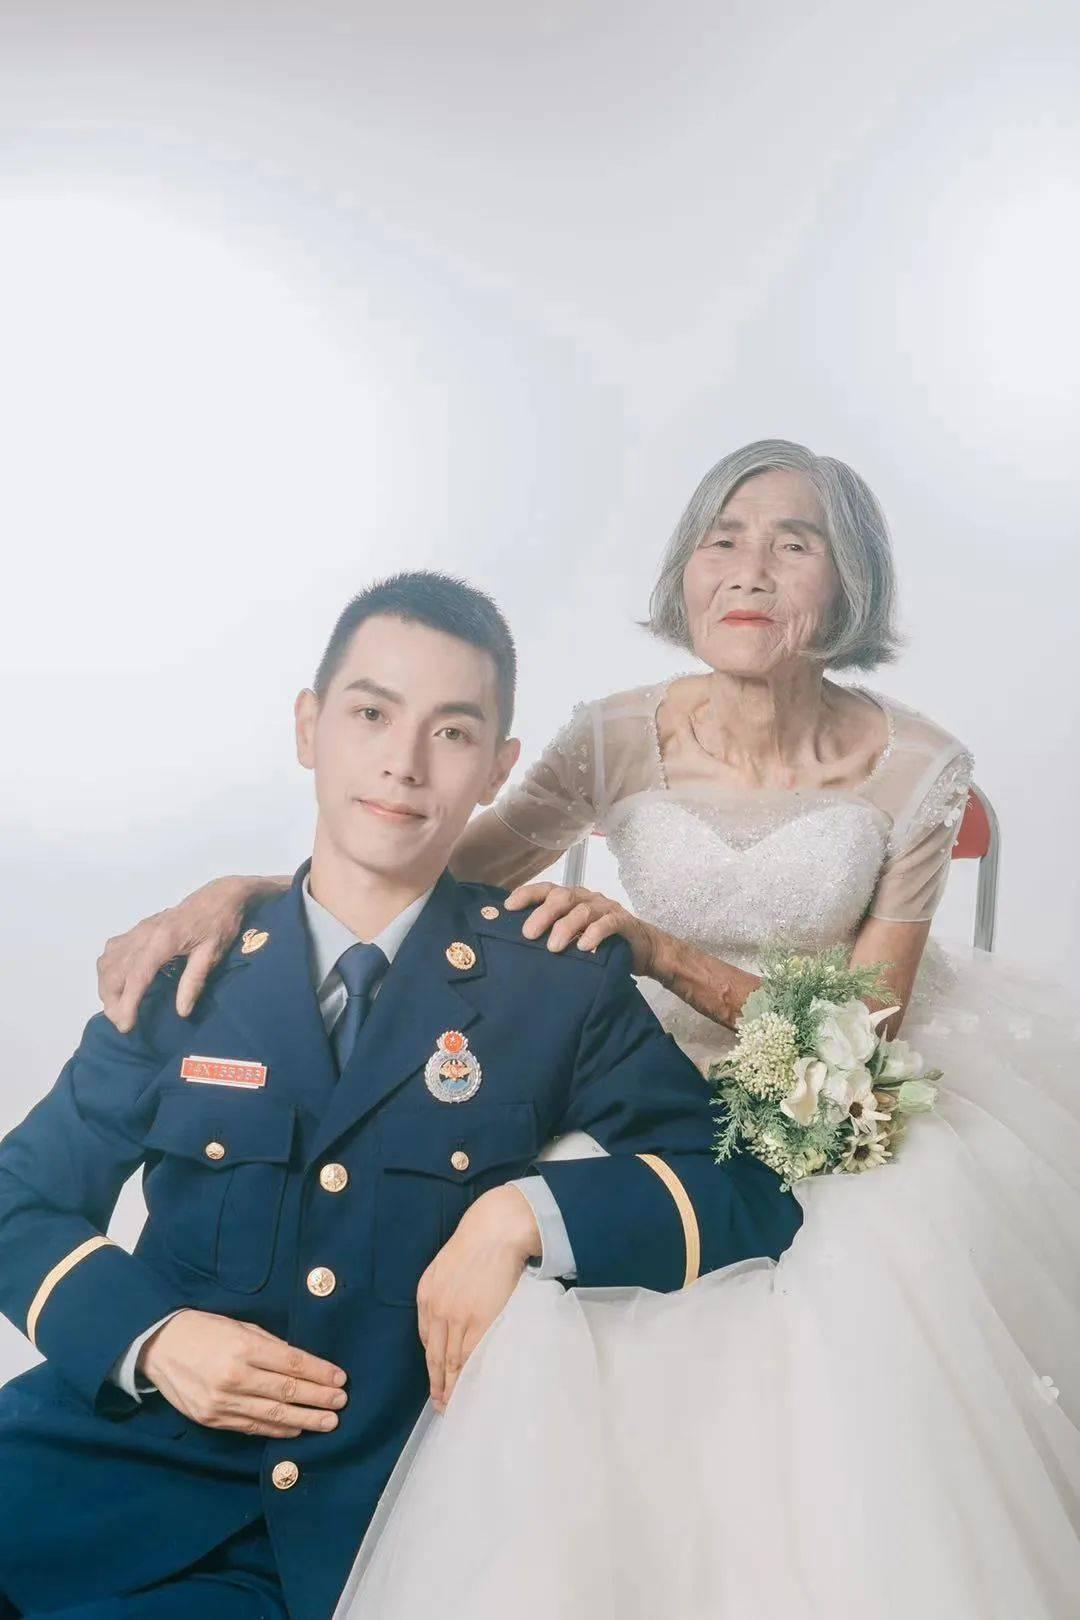 """新华每日电讯:相差61岁的最美""""婚纱照""""刷屏,背后的故事催人泪下"""